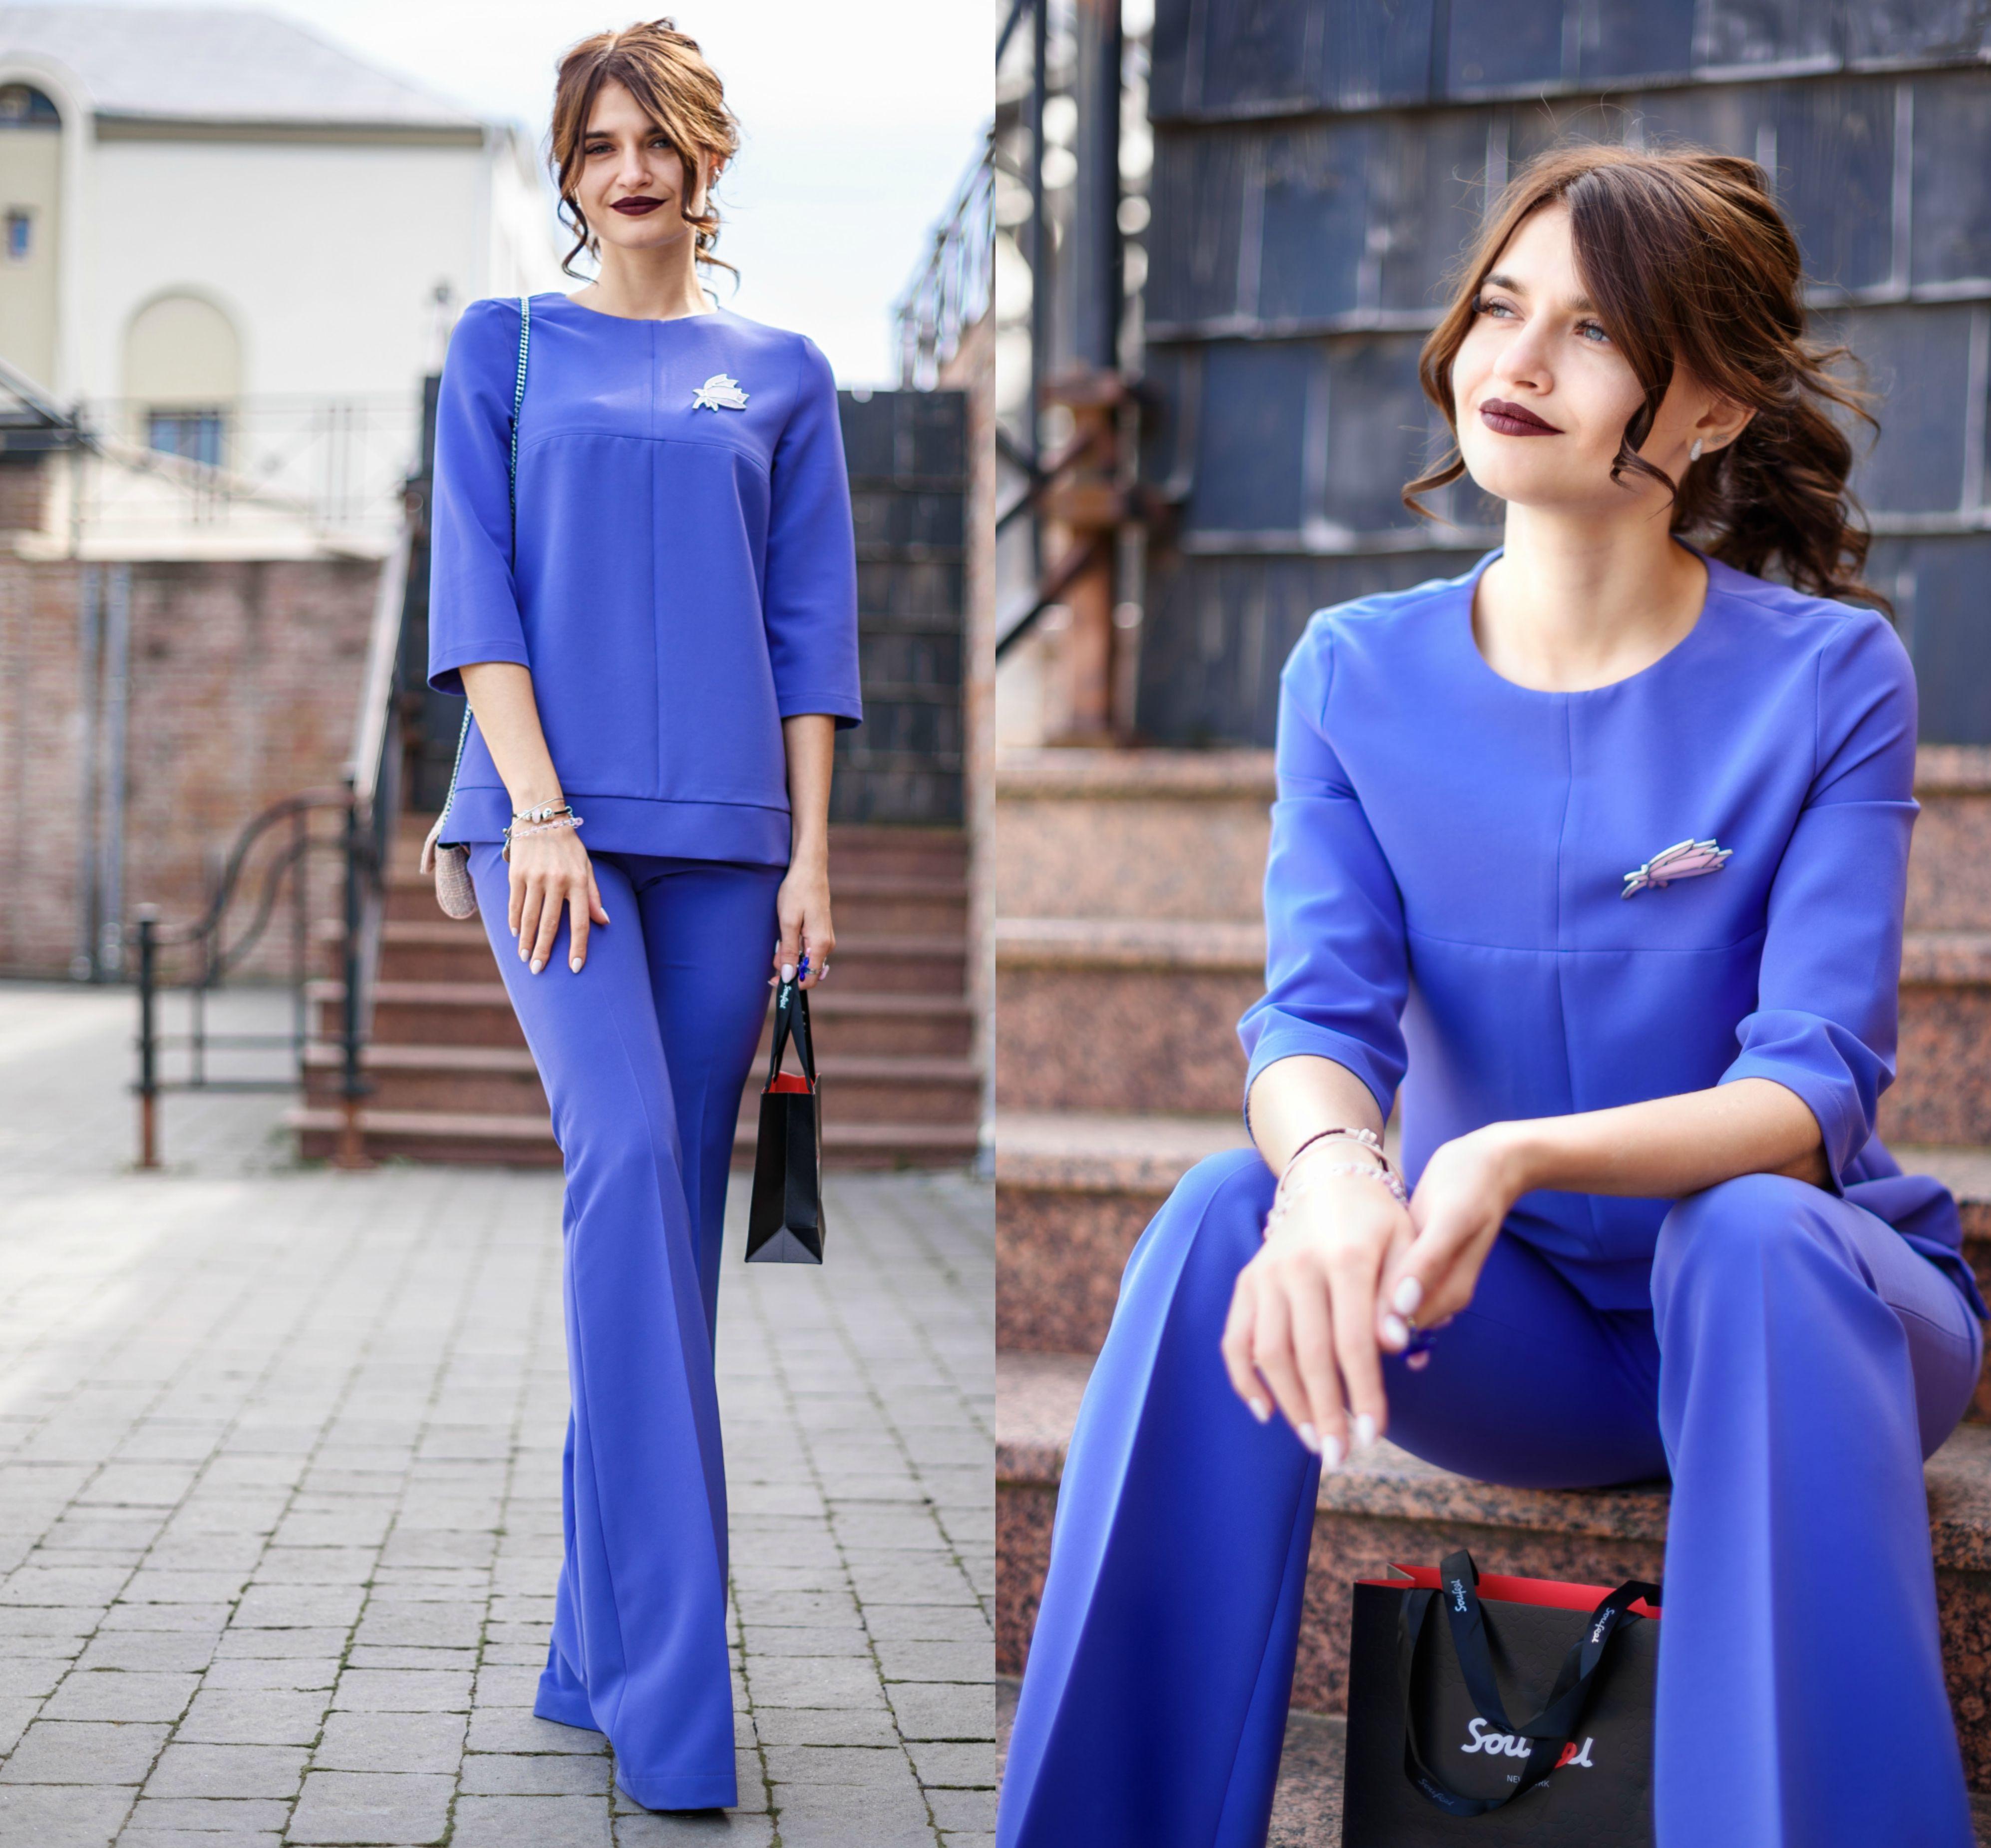 755a22c15d9f образдня  блакитний костюм зі штанами